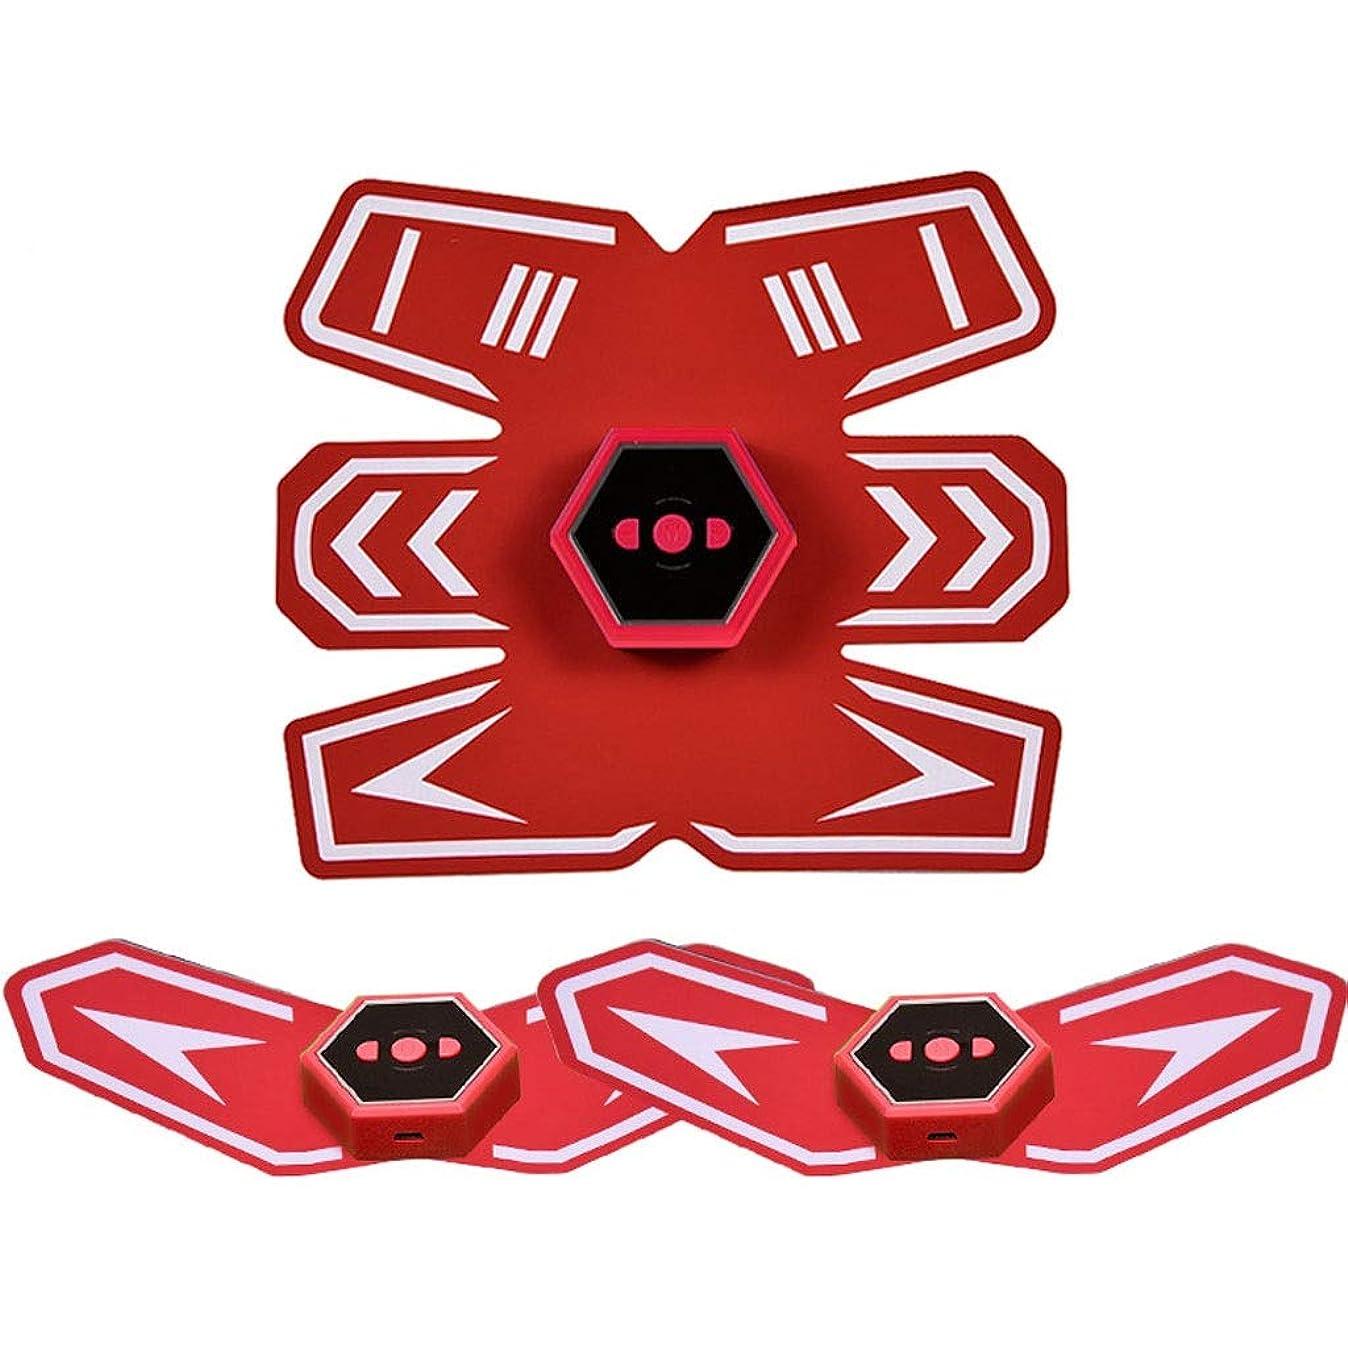 ぶら下がるブランド名神話スマートベルト腹部楽器筋肉ペースト男性と女性の筋肉腹部怠惰な腹部筋肉フィットネス機器とインテリジェント音声放送&USB充電 (Color : Red)